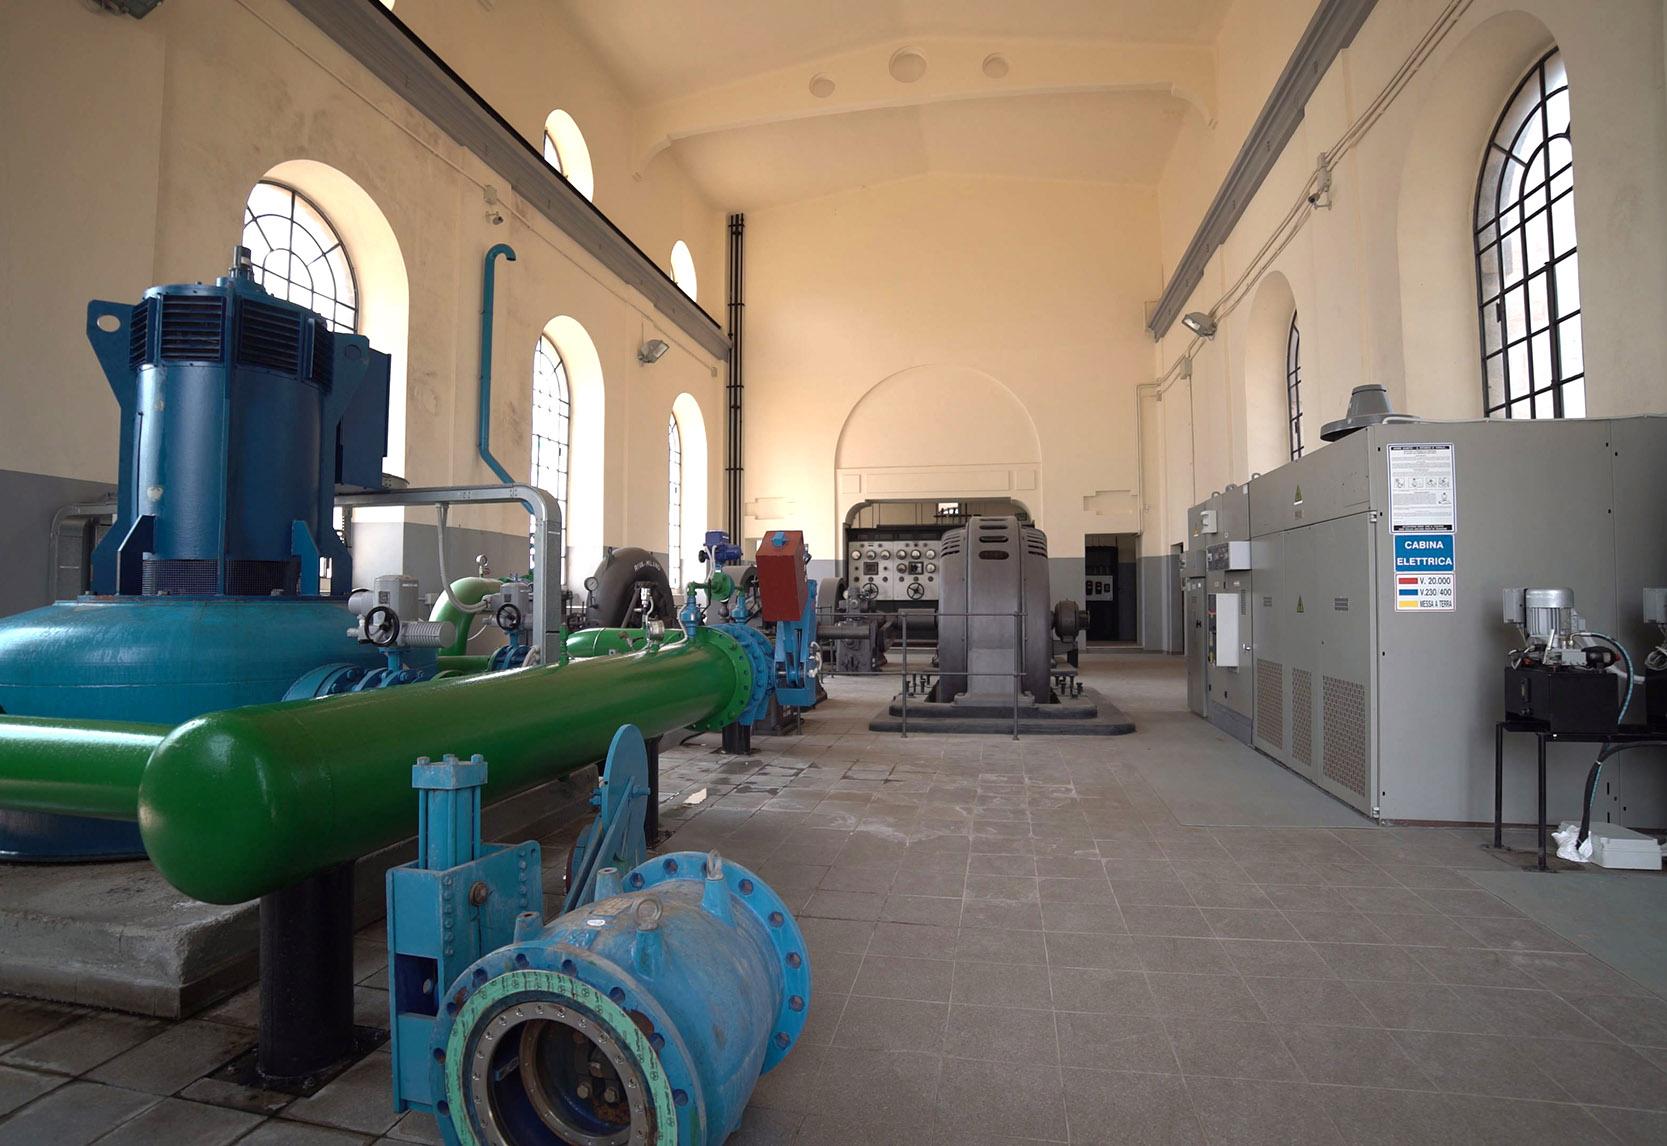 La Centrale Idroelettrica Battaglia_Interni sala macchine